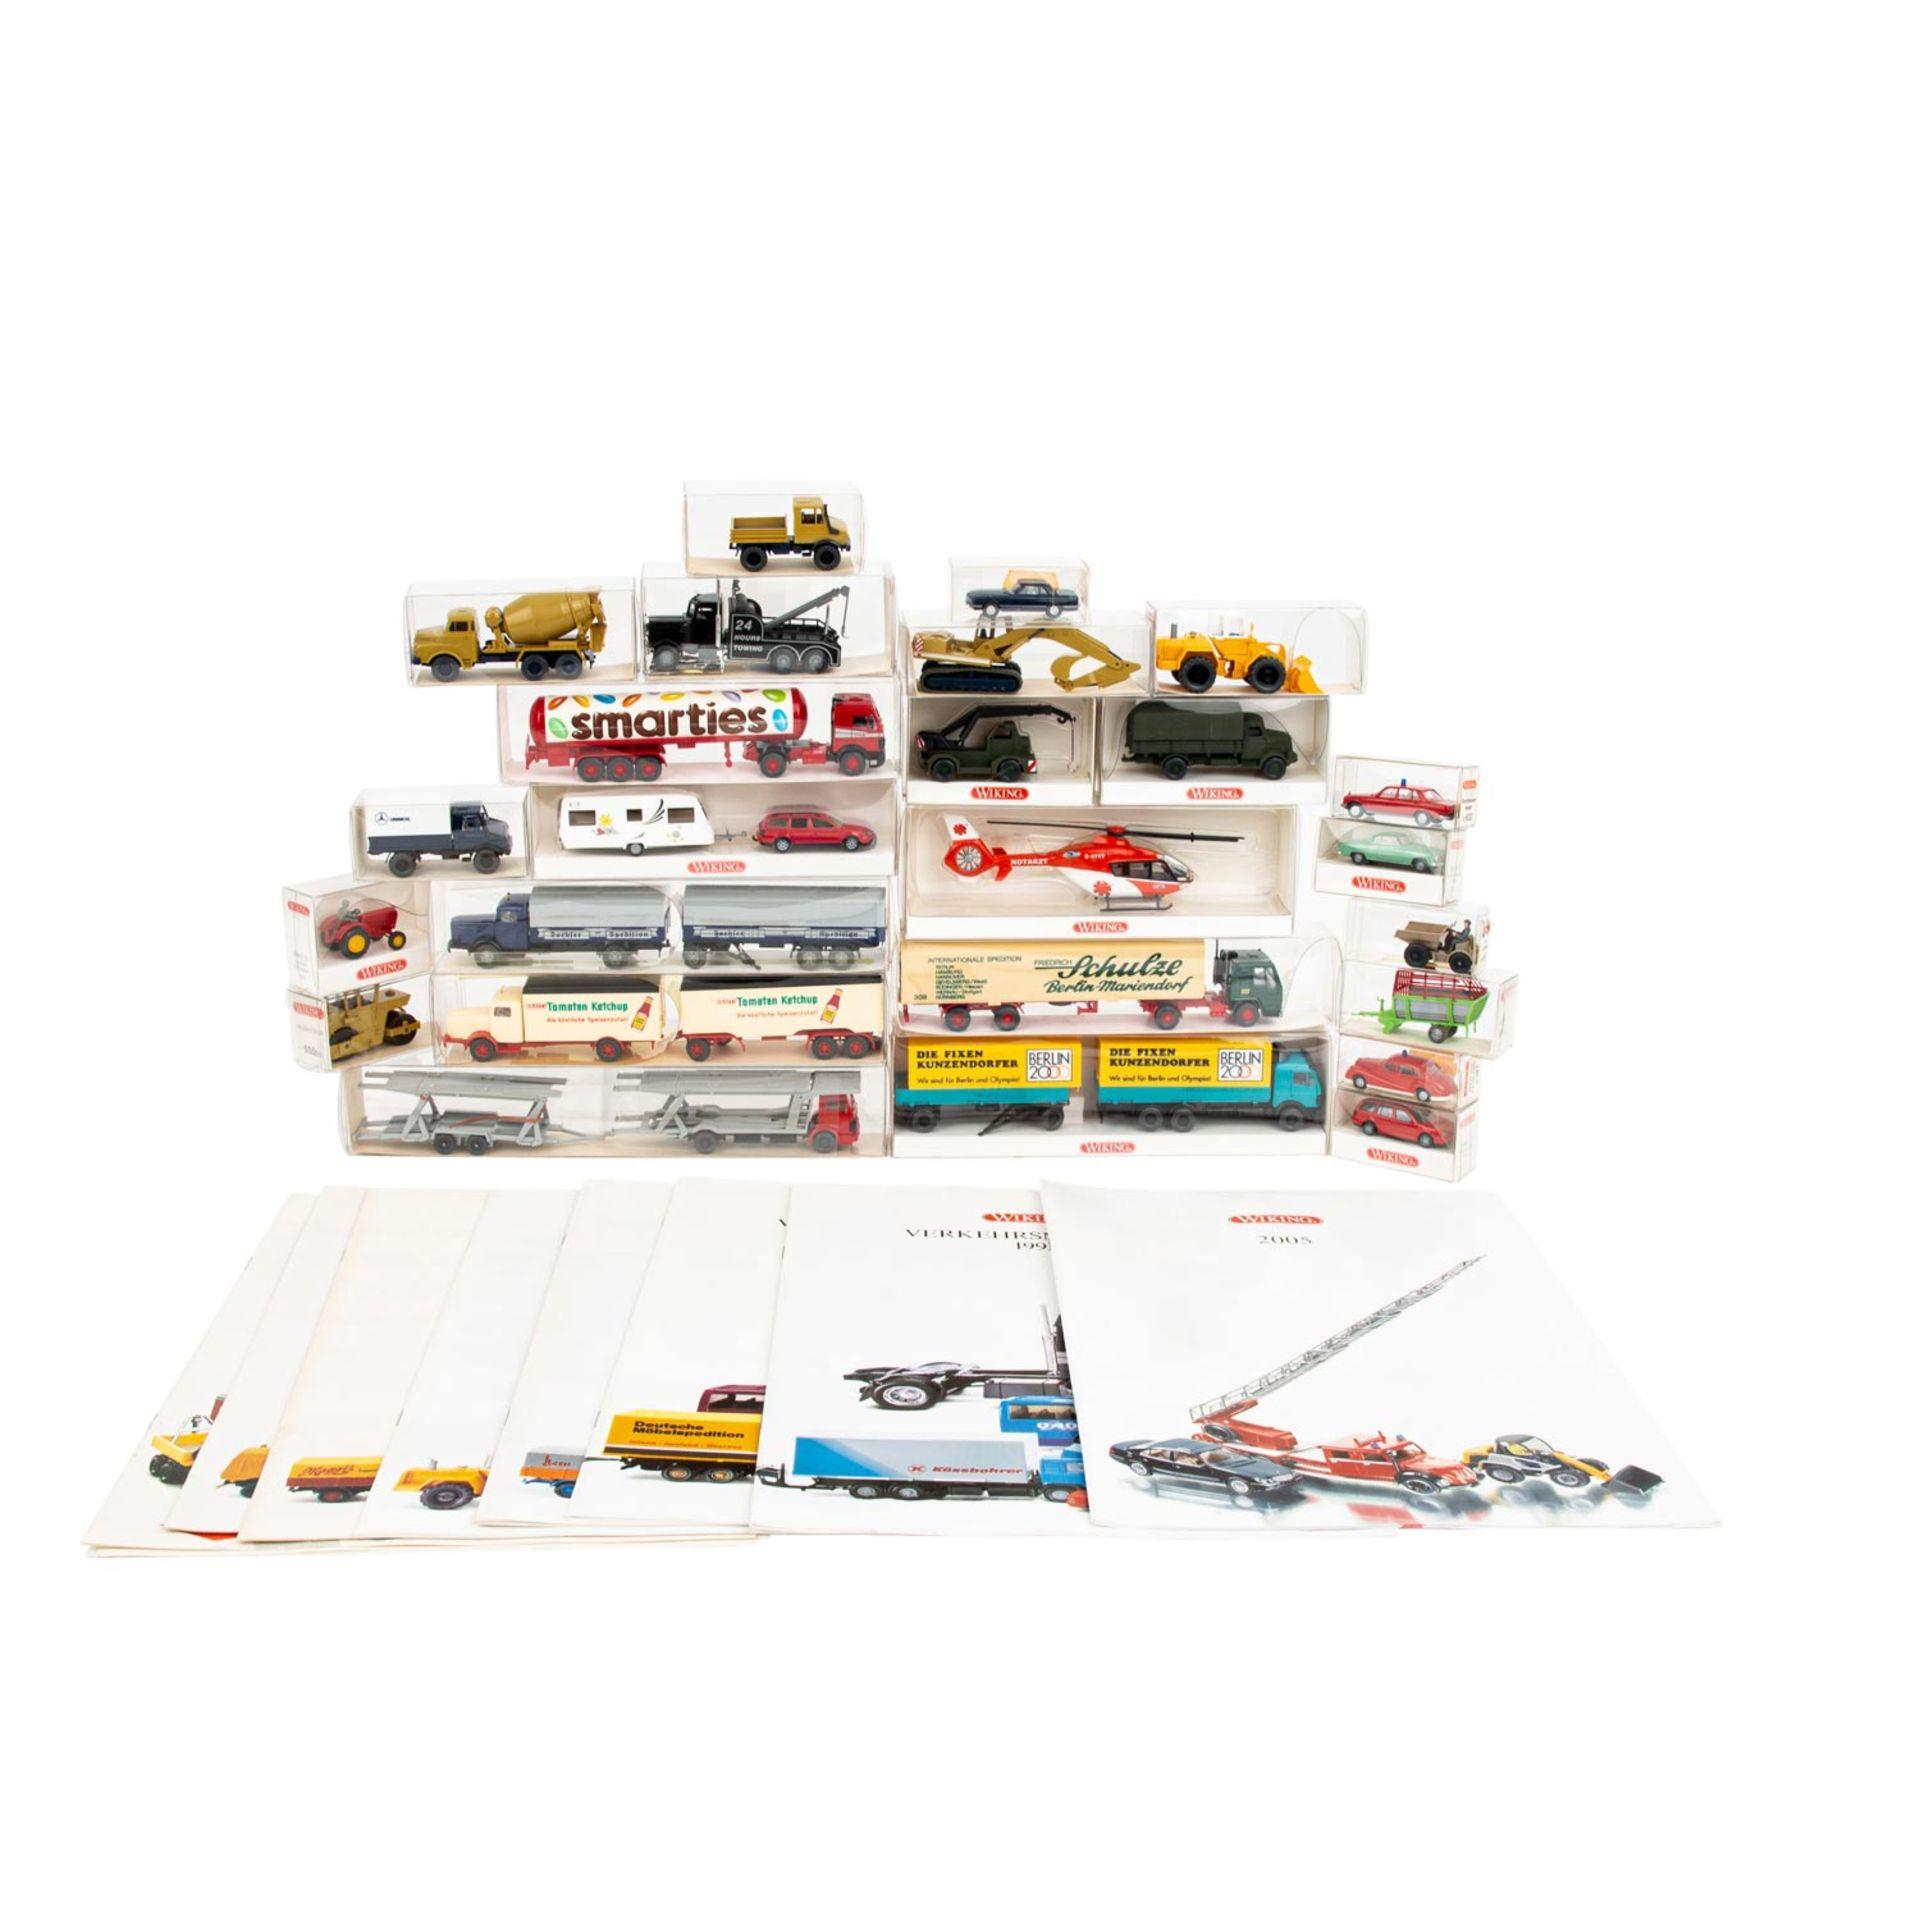 WIKING Konvolut von 25 Fahrzeugen im Maßstab 1:87,in rotem Wiking-Sammelkasten, versc